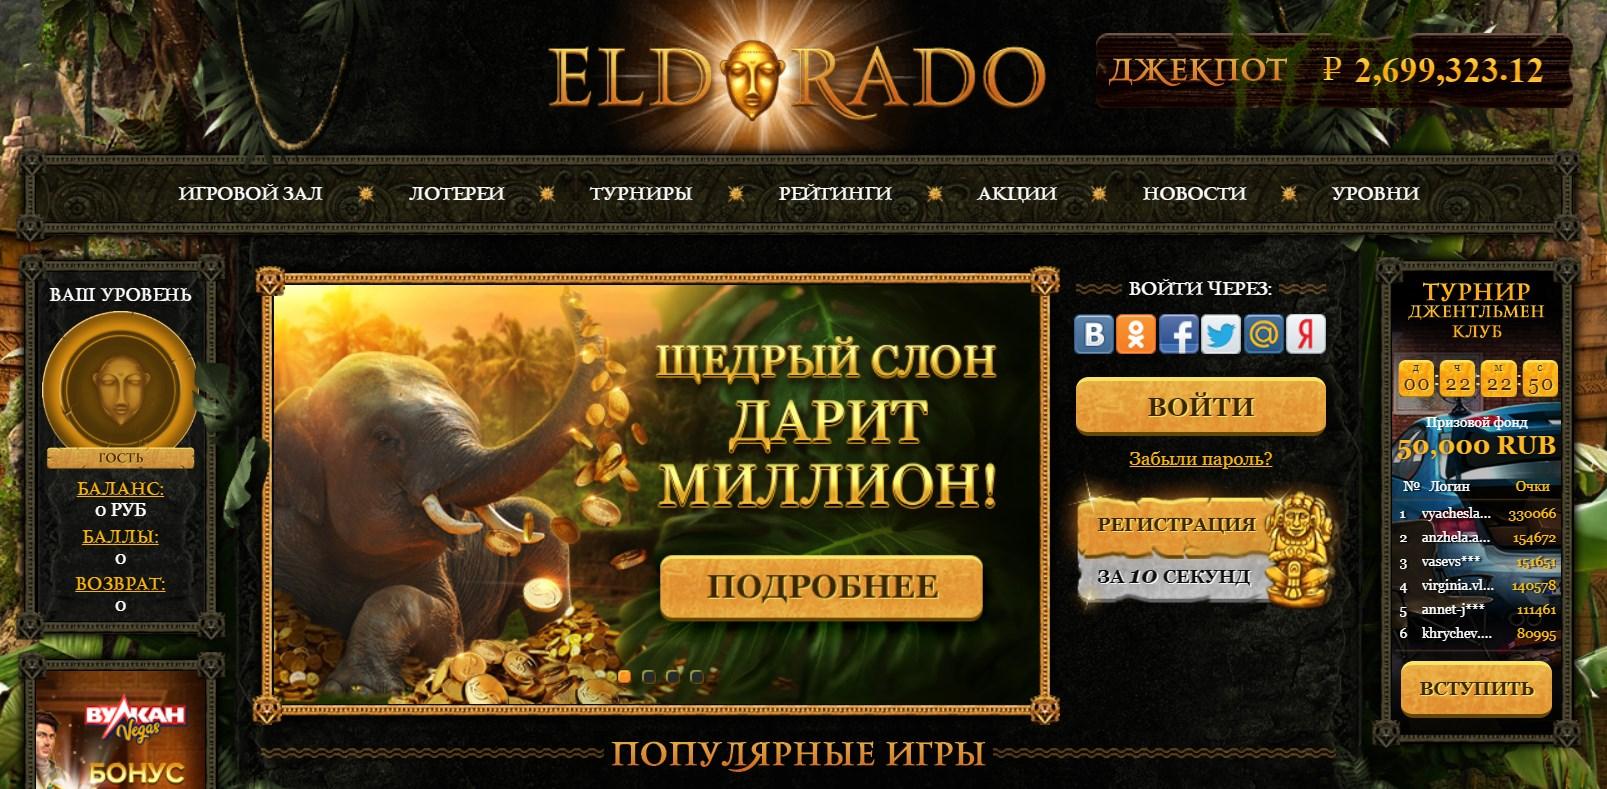 Eldorado - Официальный сайт